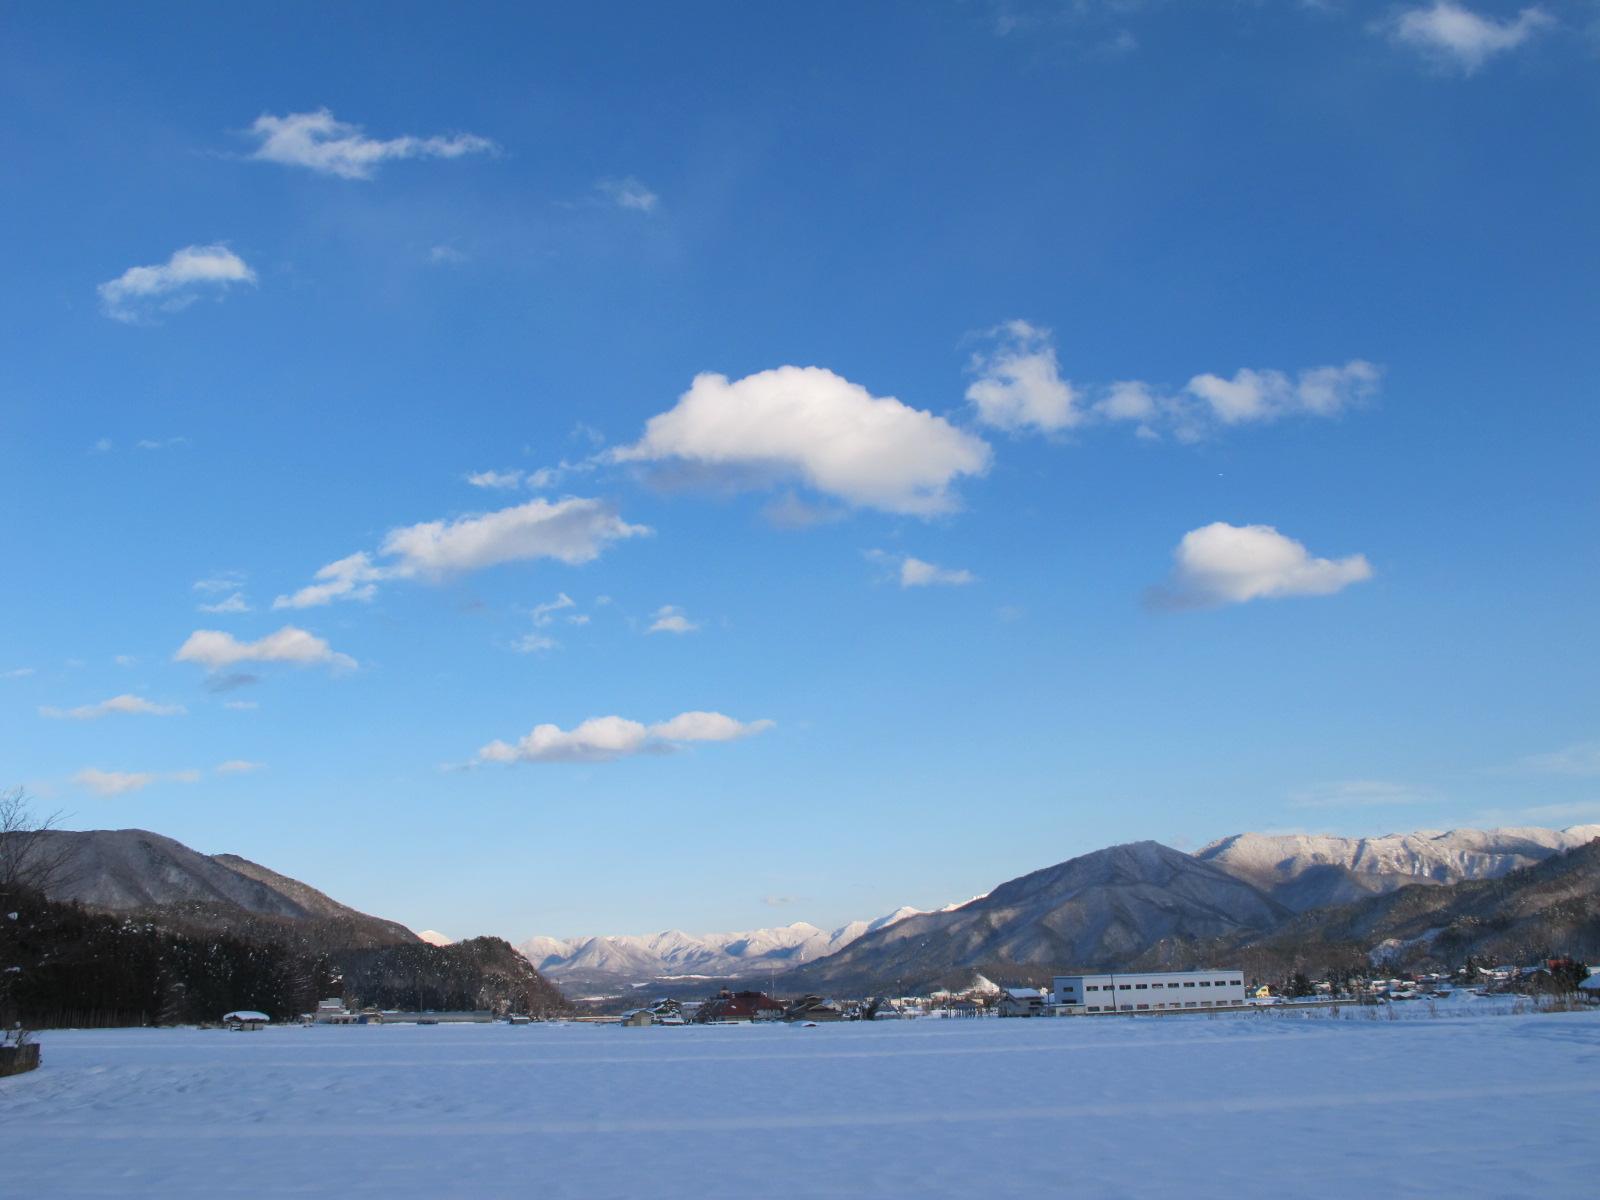 雪が降りやんだ朝は^^_b0152504_2154397.jpg